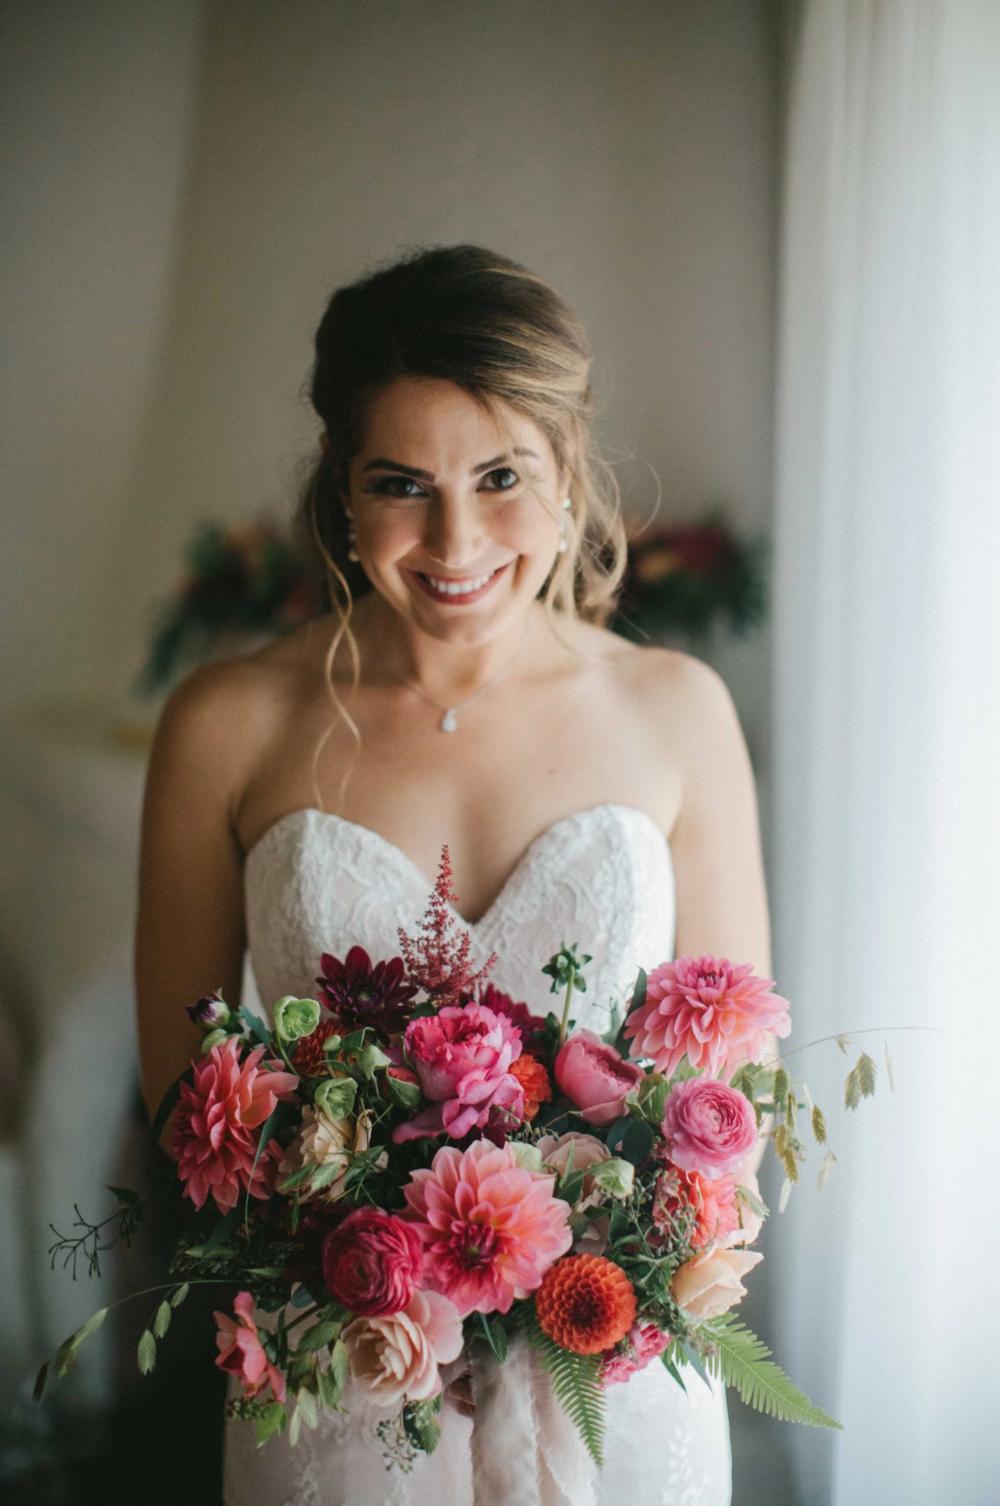 bridal bouquet 2.png